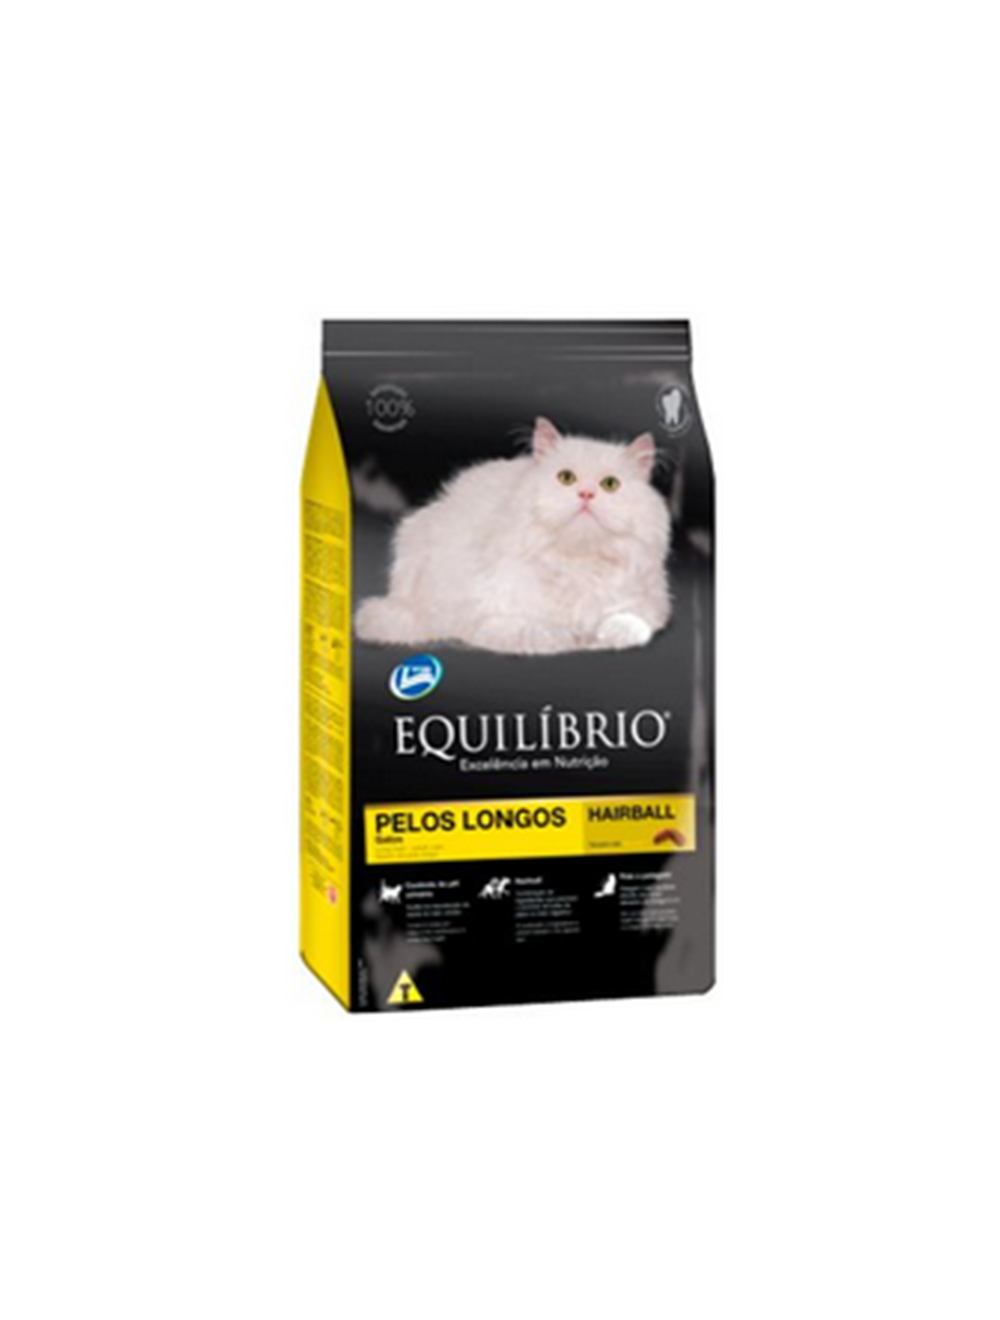 Equilibrio Gatos Pelos Longos (Gatos Persas) 7 5 K - P80